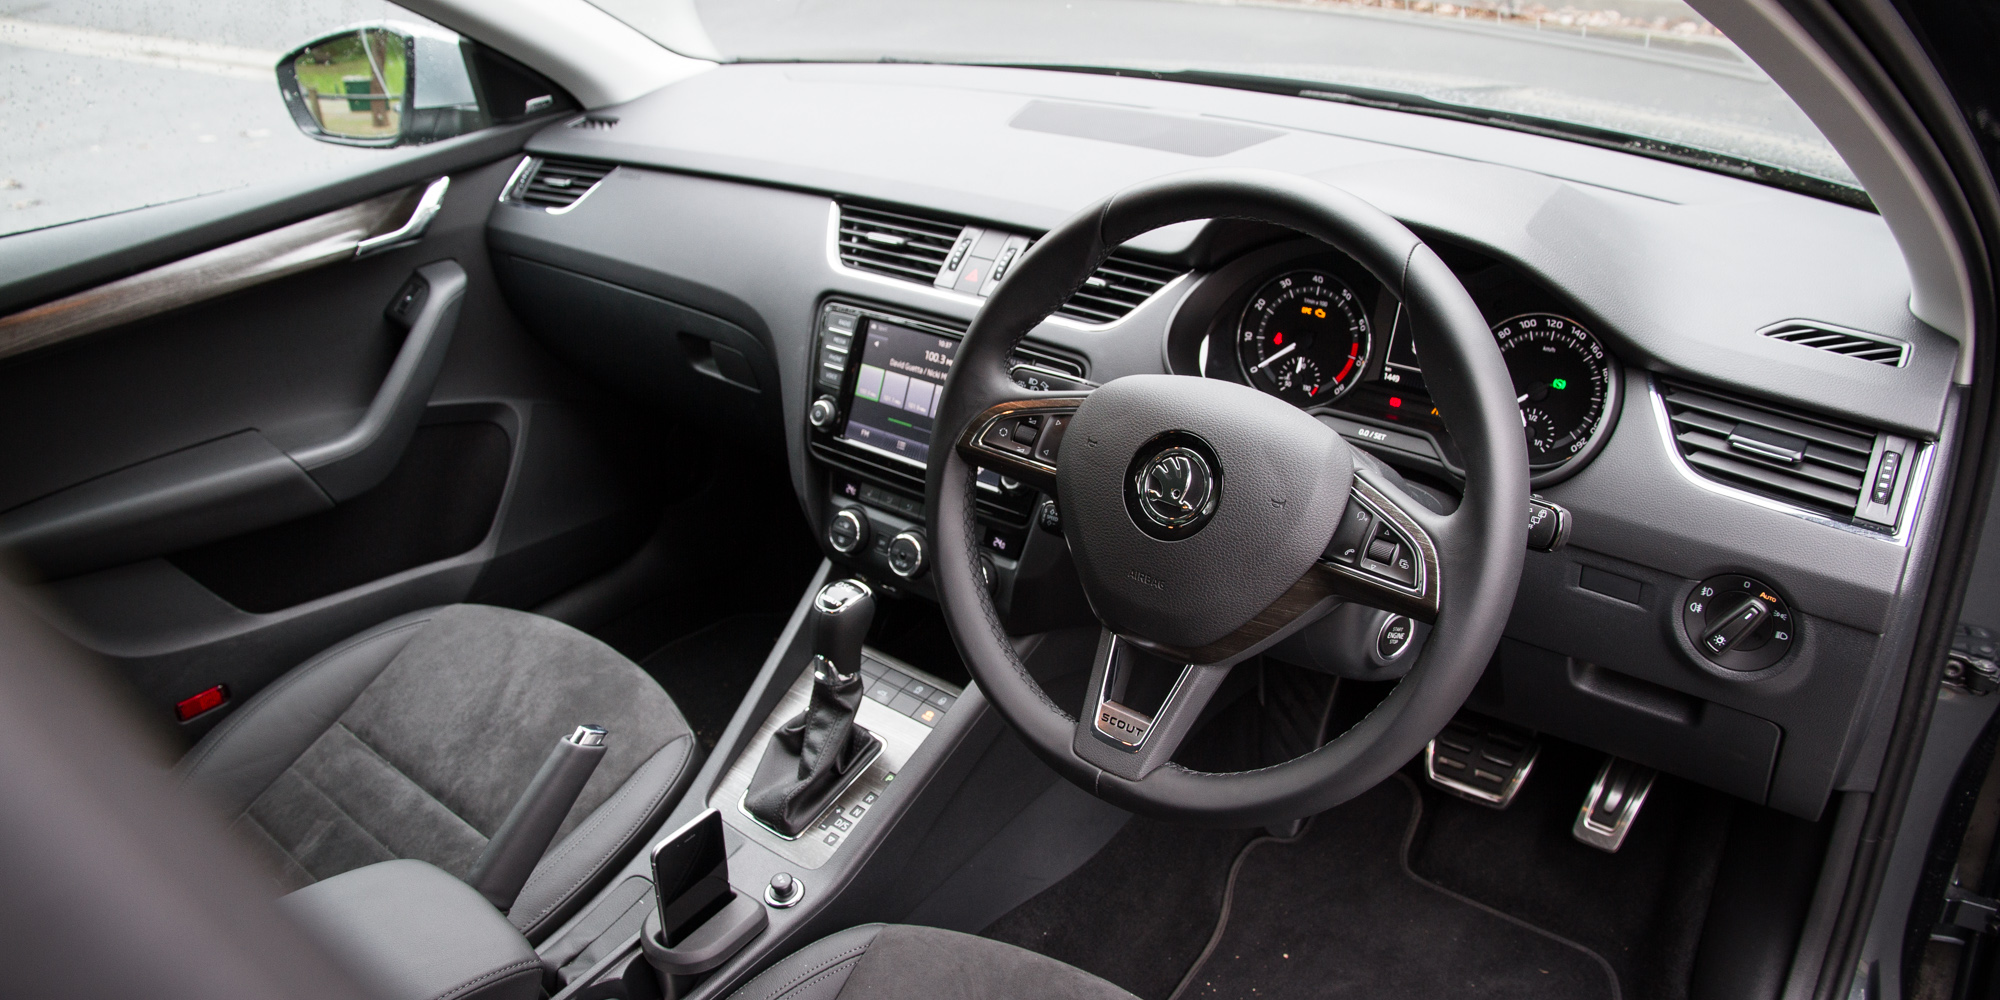 2016 Skoda Octavia Scout Interior Steering